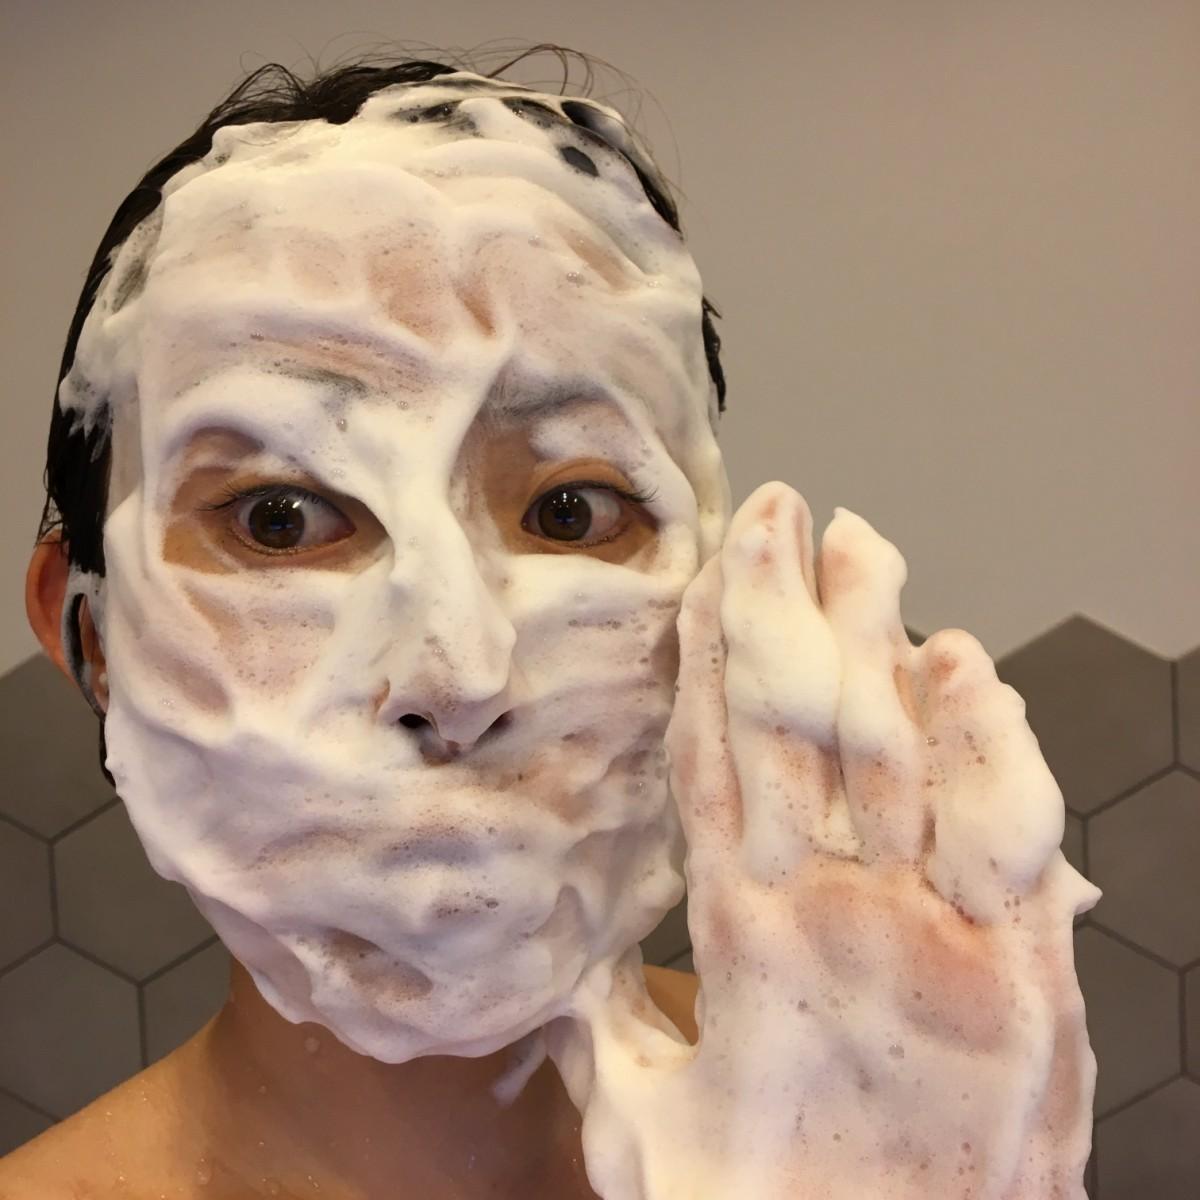 モッチモチの濃密泡がやみつき♥洗い上がりスッキリ!クレイ洗顔で毛穴汚れを洗浄